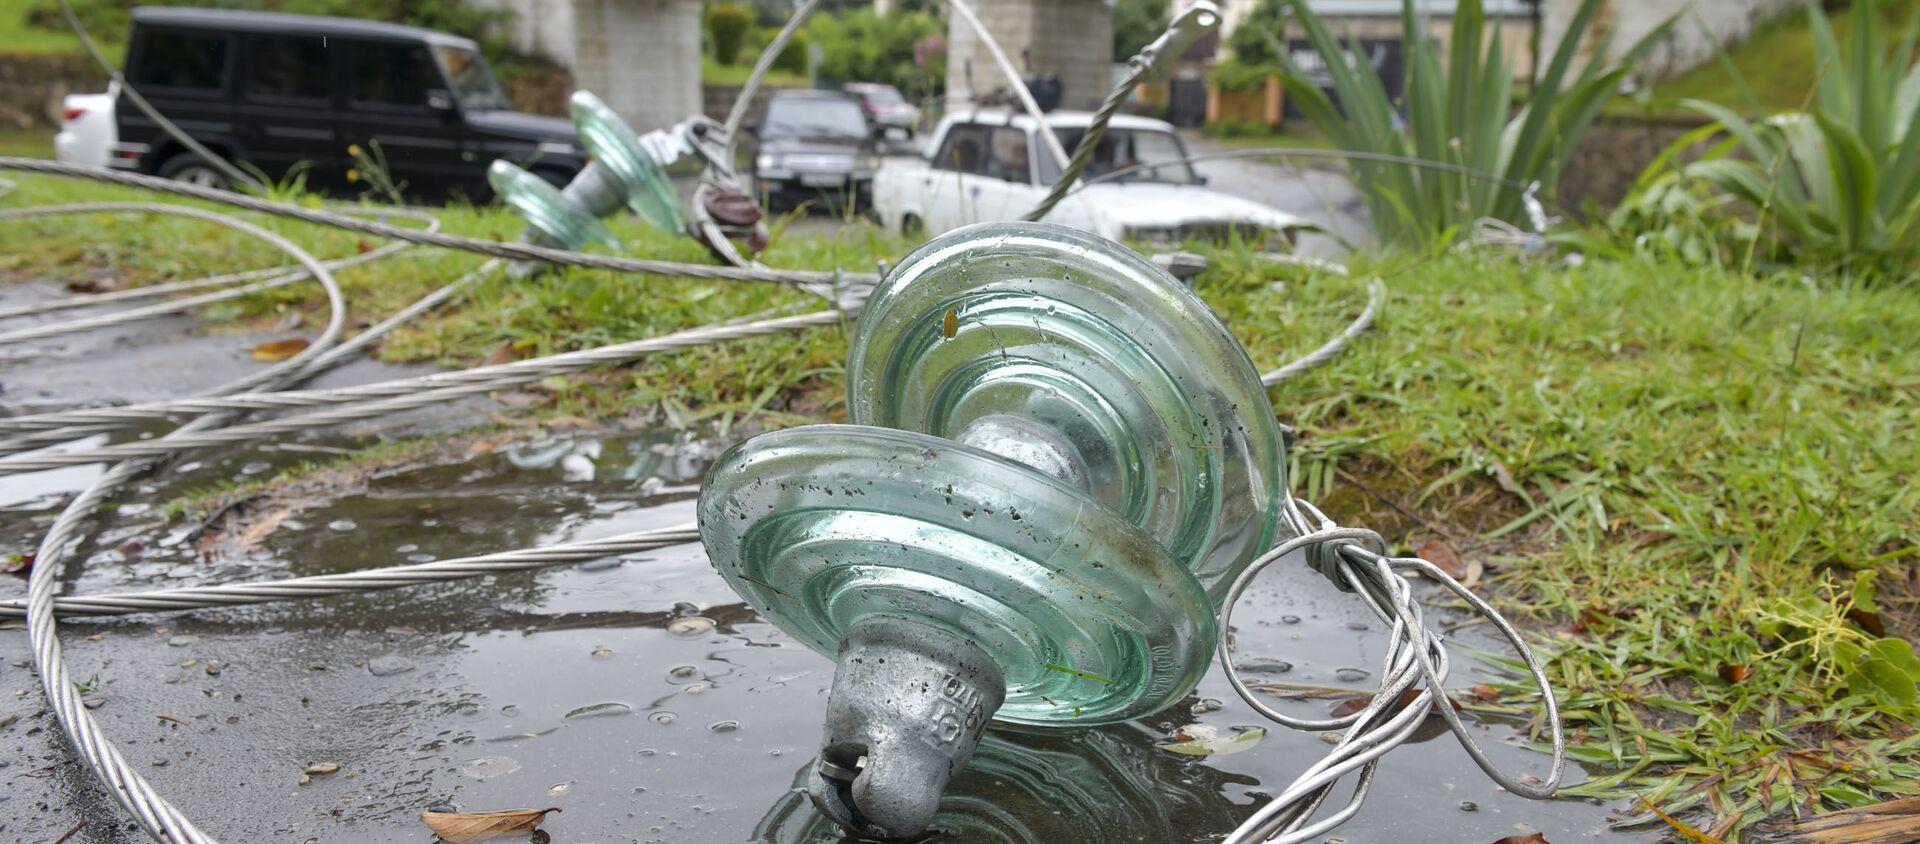 Ликвидация последствий шторма в Сухуме  - Sputnik Абхазия, 1920, 26.07.2021